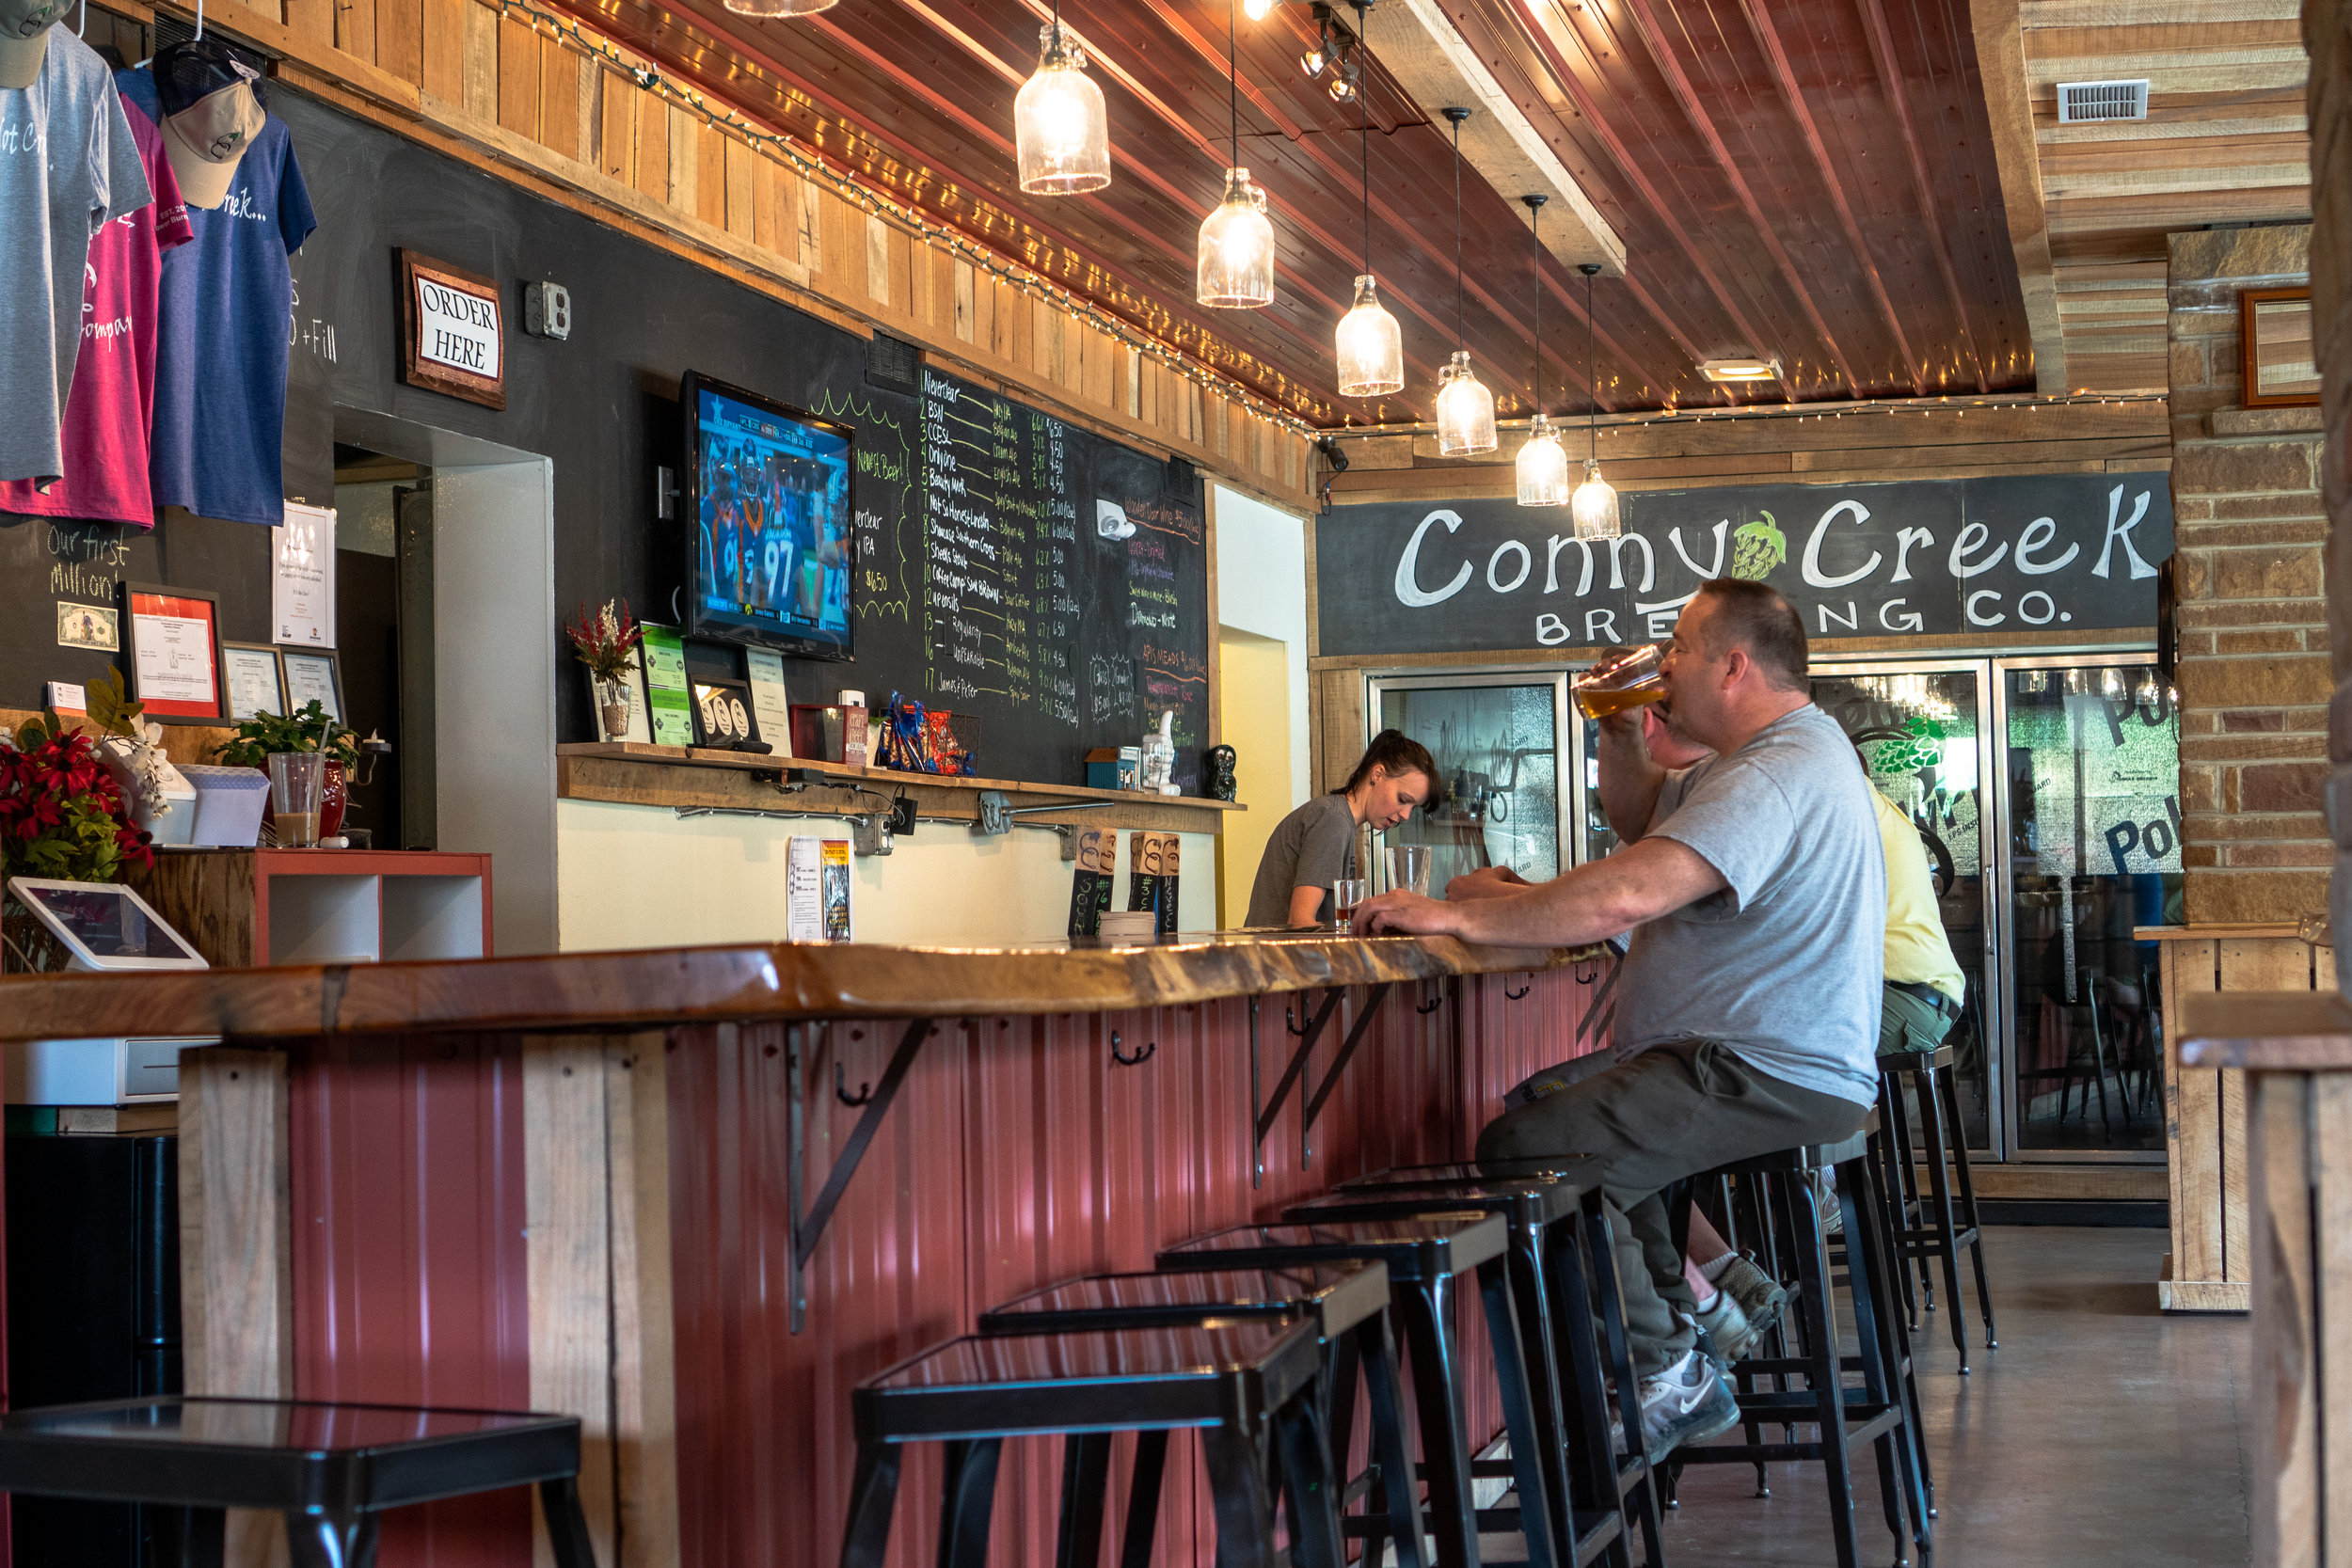 ConnyCreekBrewing_Bar